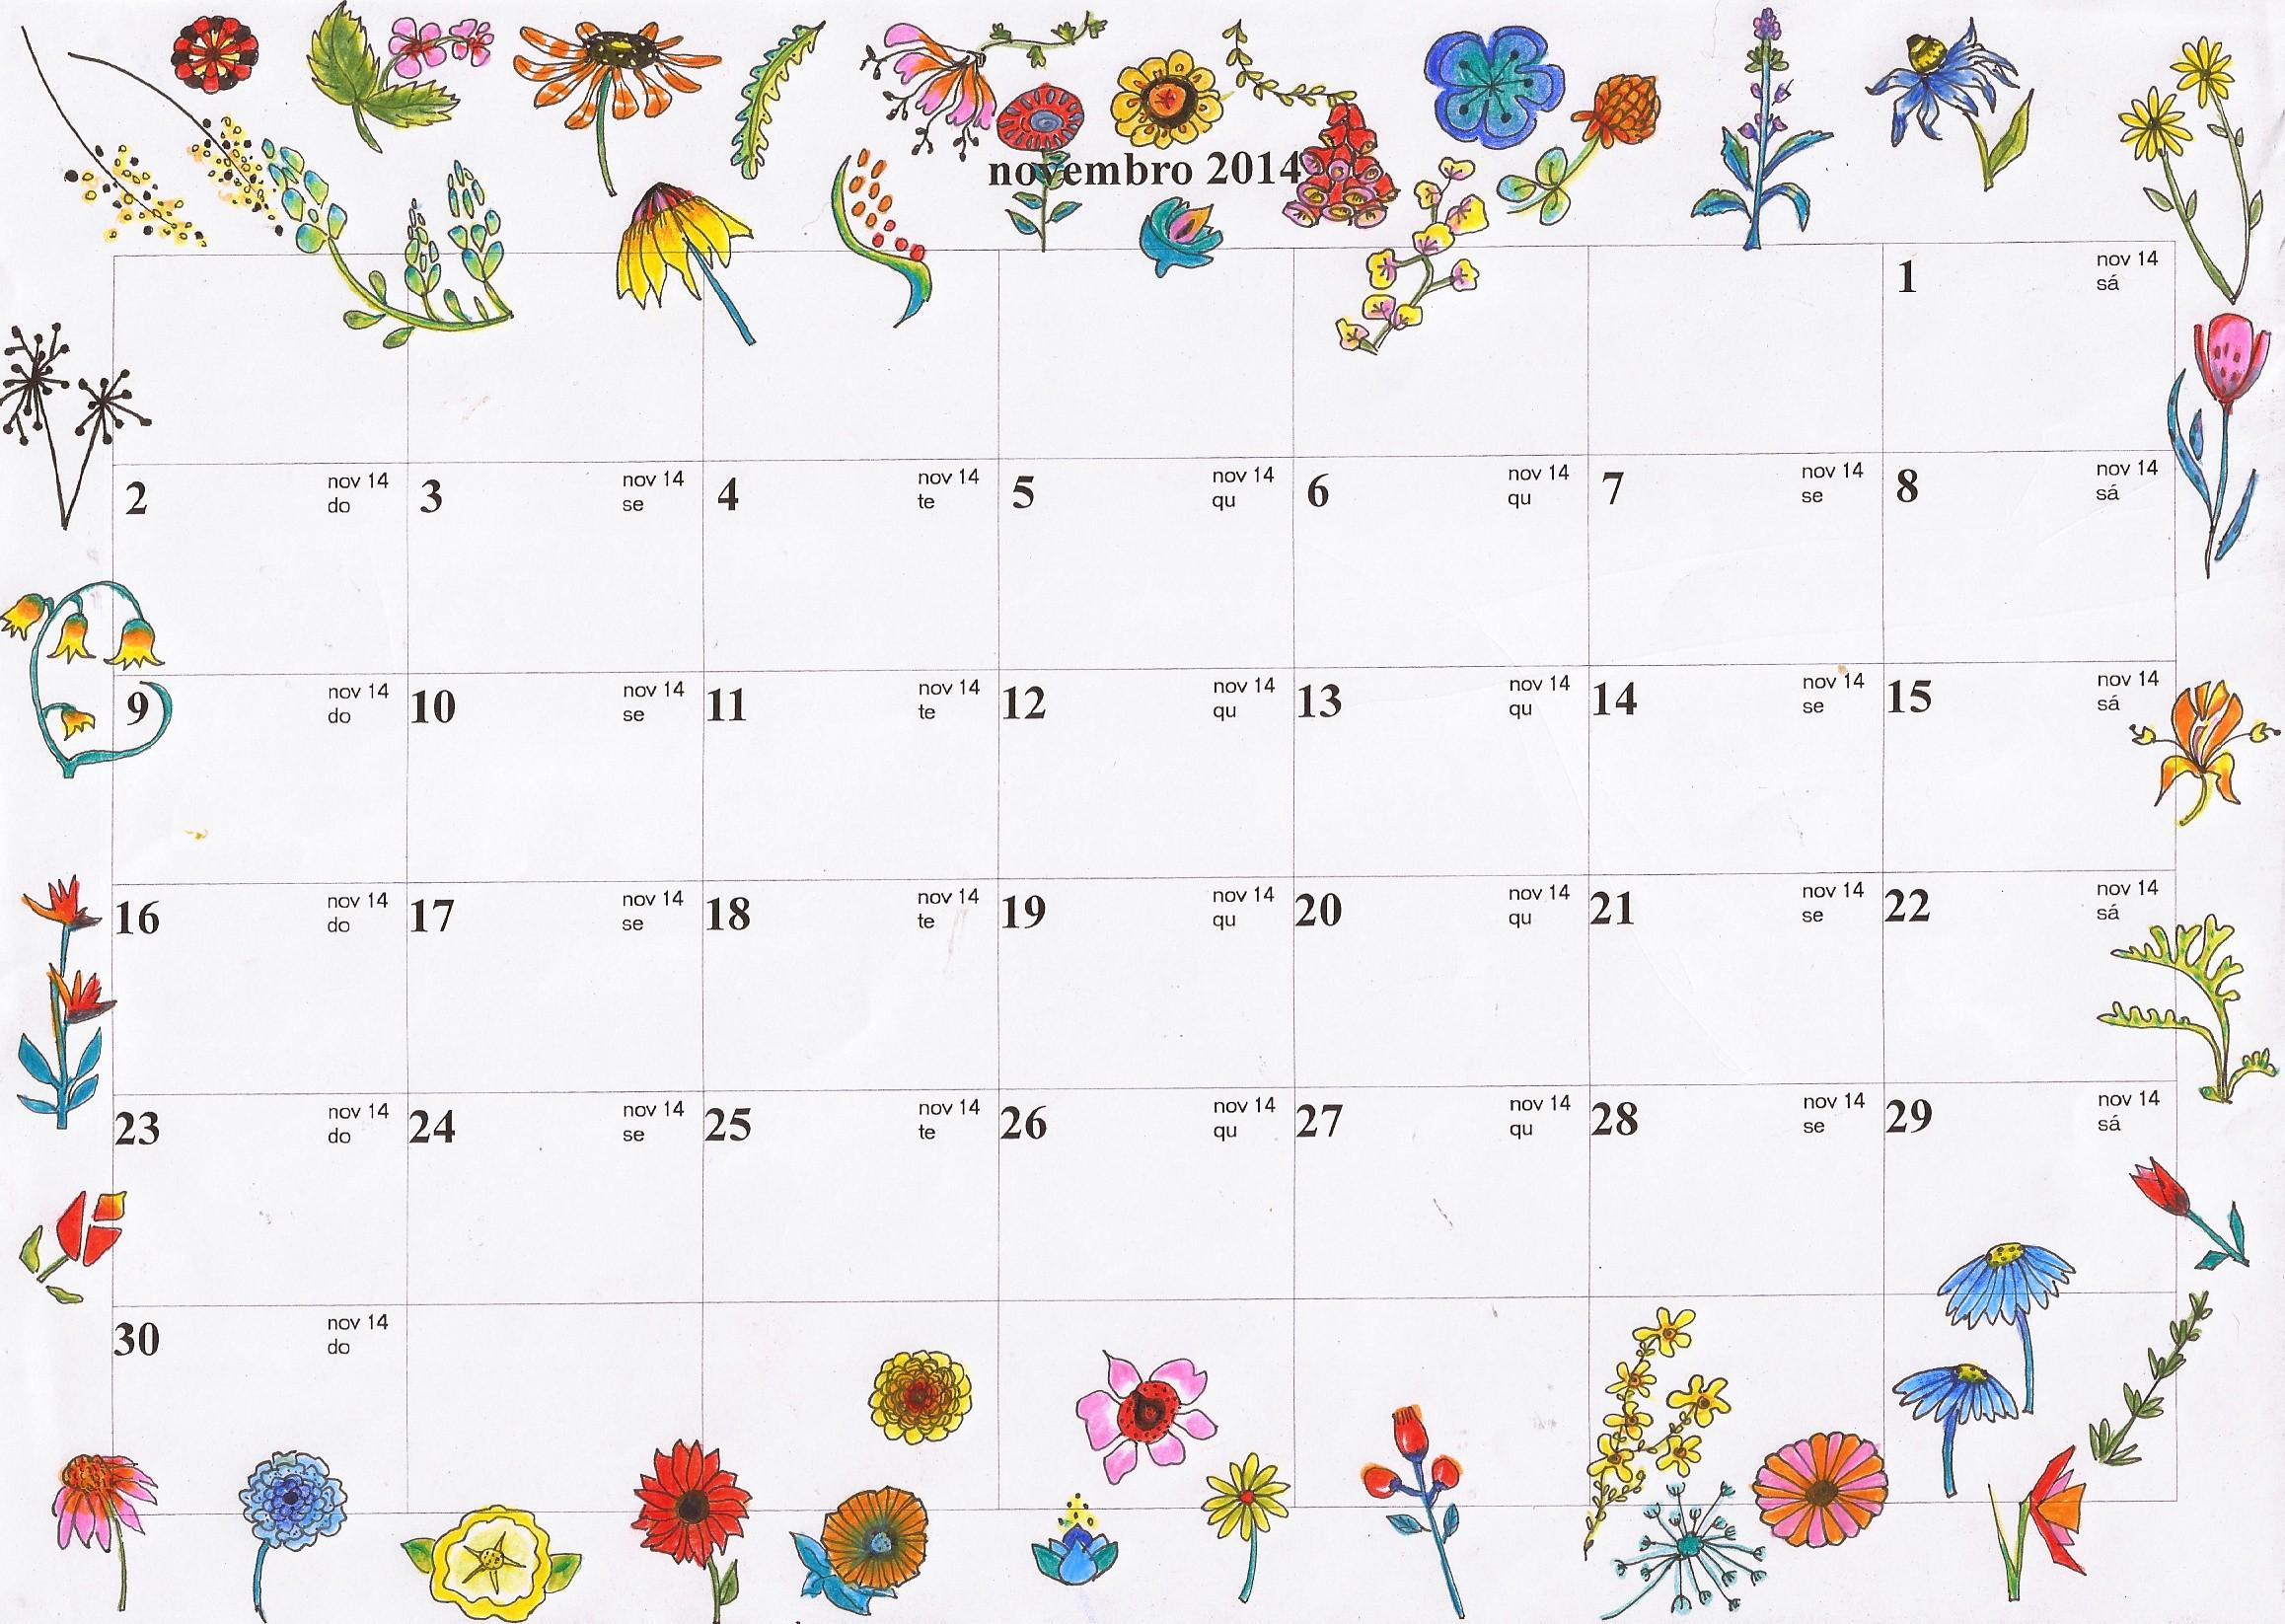 Calendário 2019 Excel Com Feriados Actual Calendario Novembro 2018 Imprimir T Of Calendário 2019 Excel Com Feriados Más Recientes Calendario Novembro 2018 Imprimir T